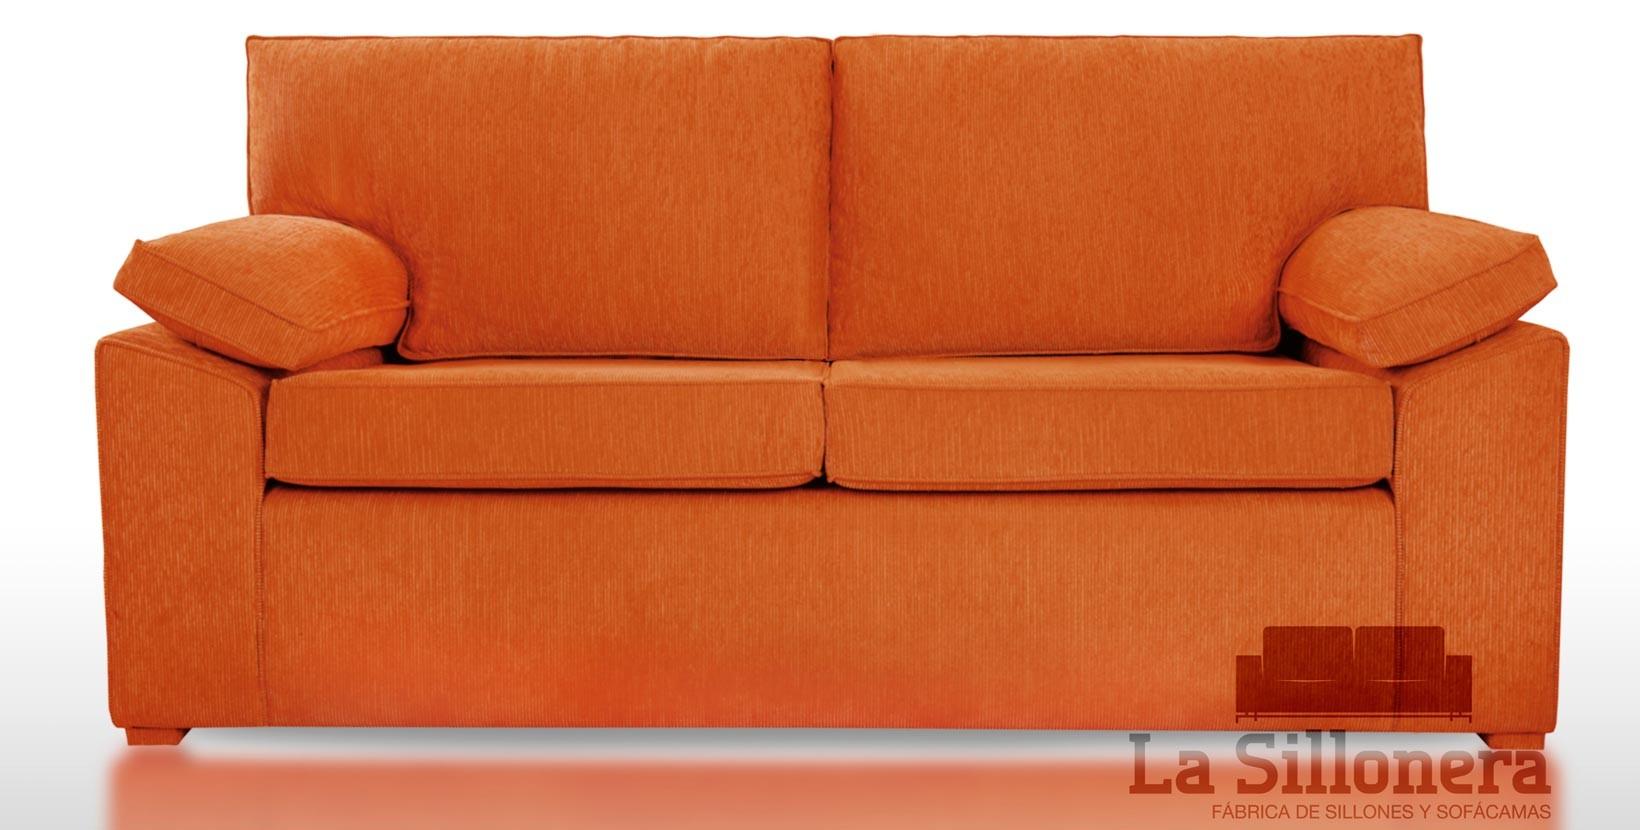 Sillon modelo italiano 2 y 3 cuerpos for Sofa cama de 2 cuerpos